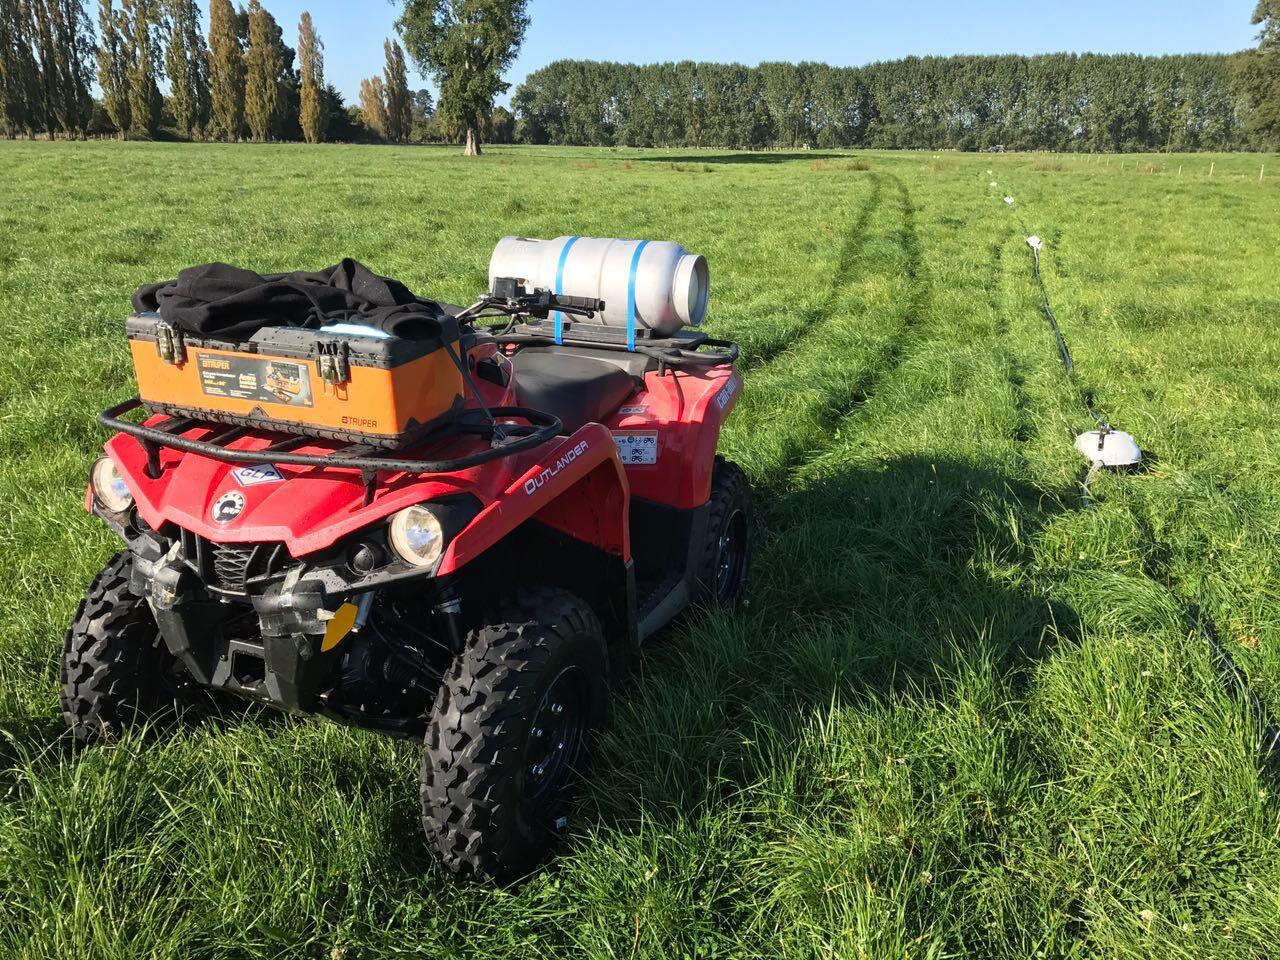 Presentaron ATV Agrícola Can AM 450L, potenciada por gas licuado de petróleo